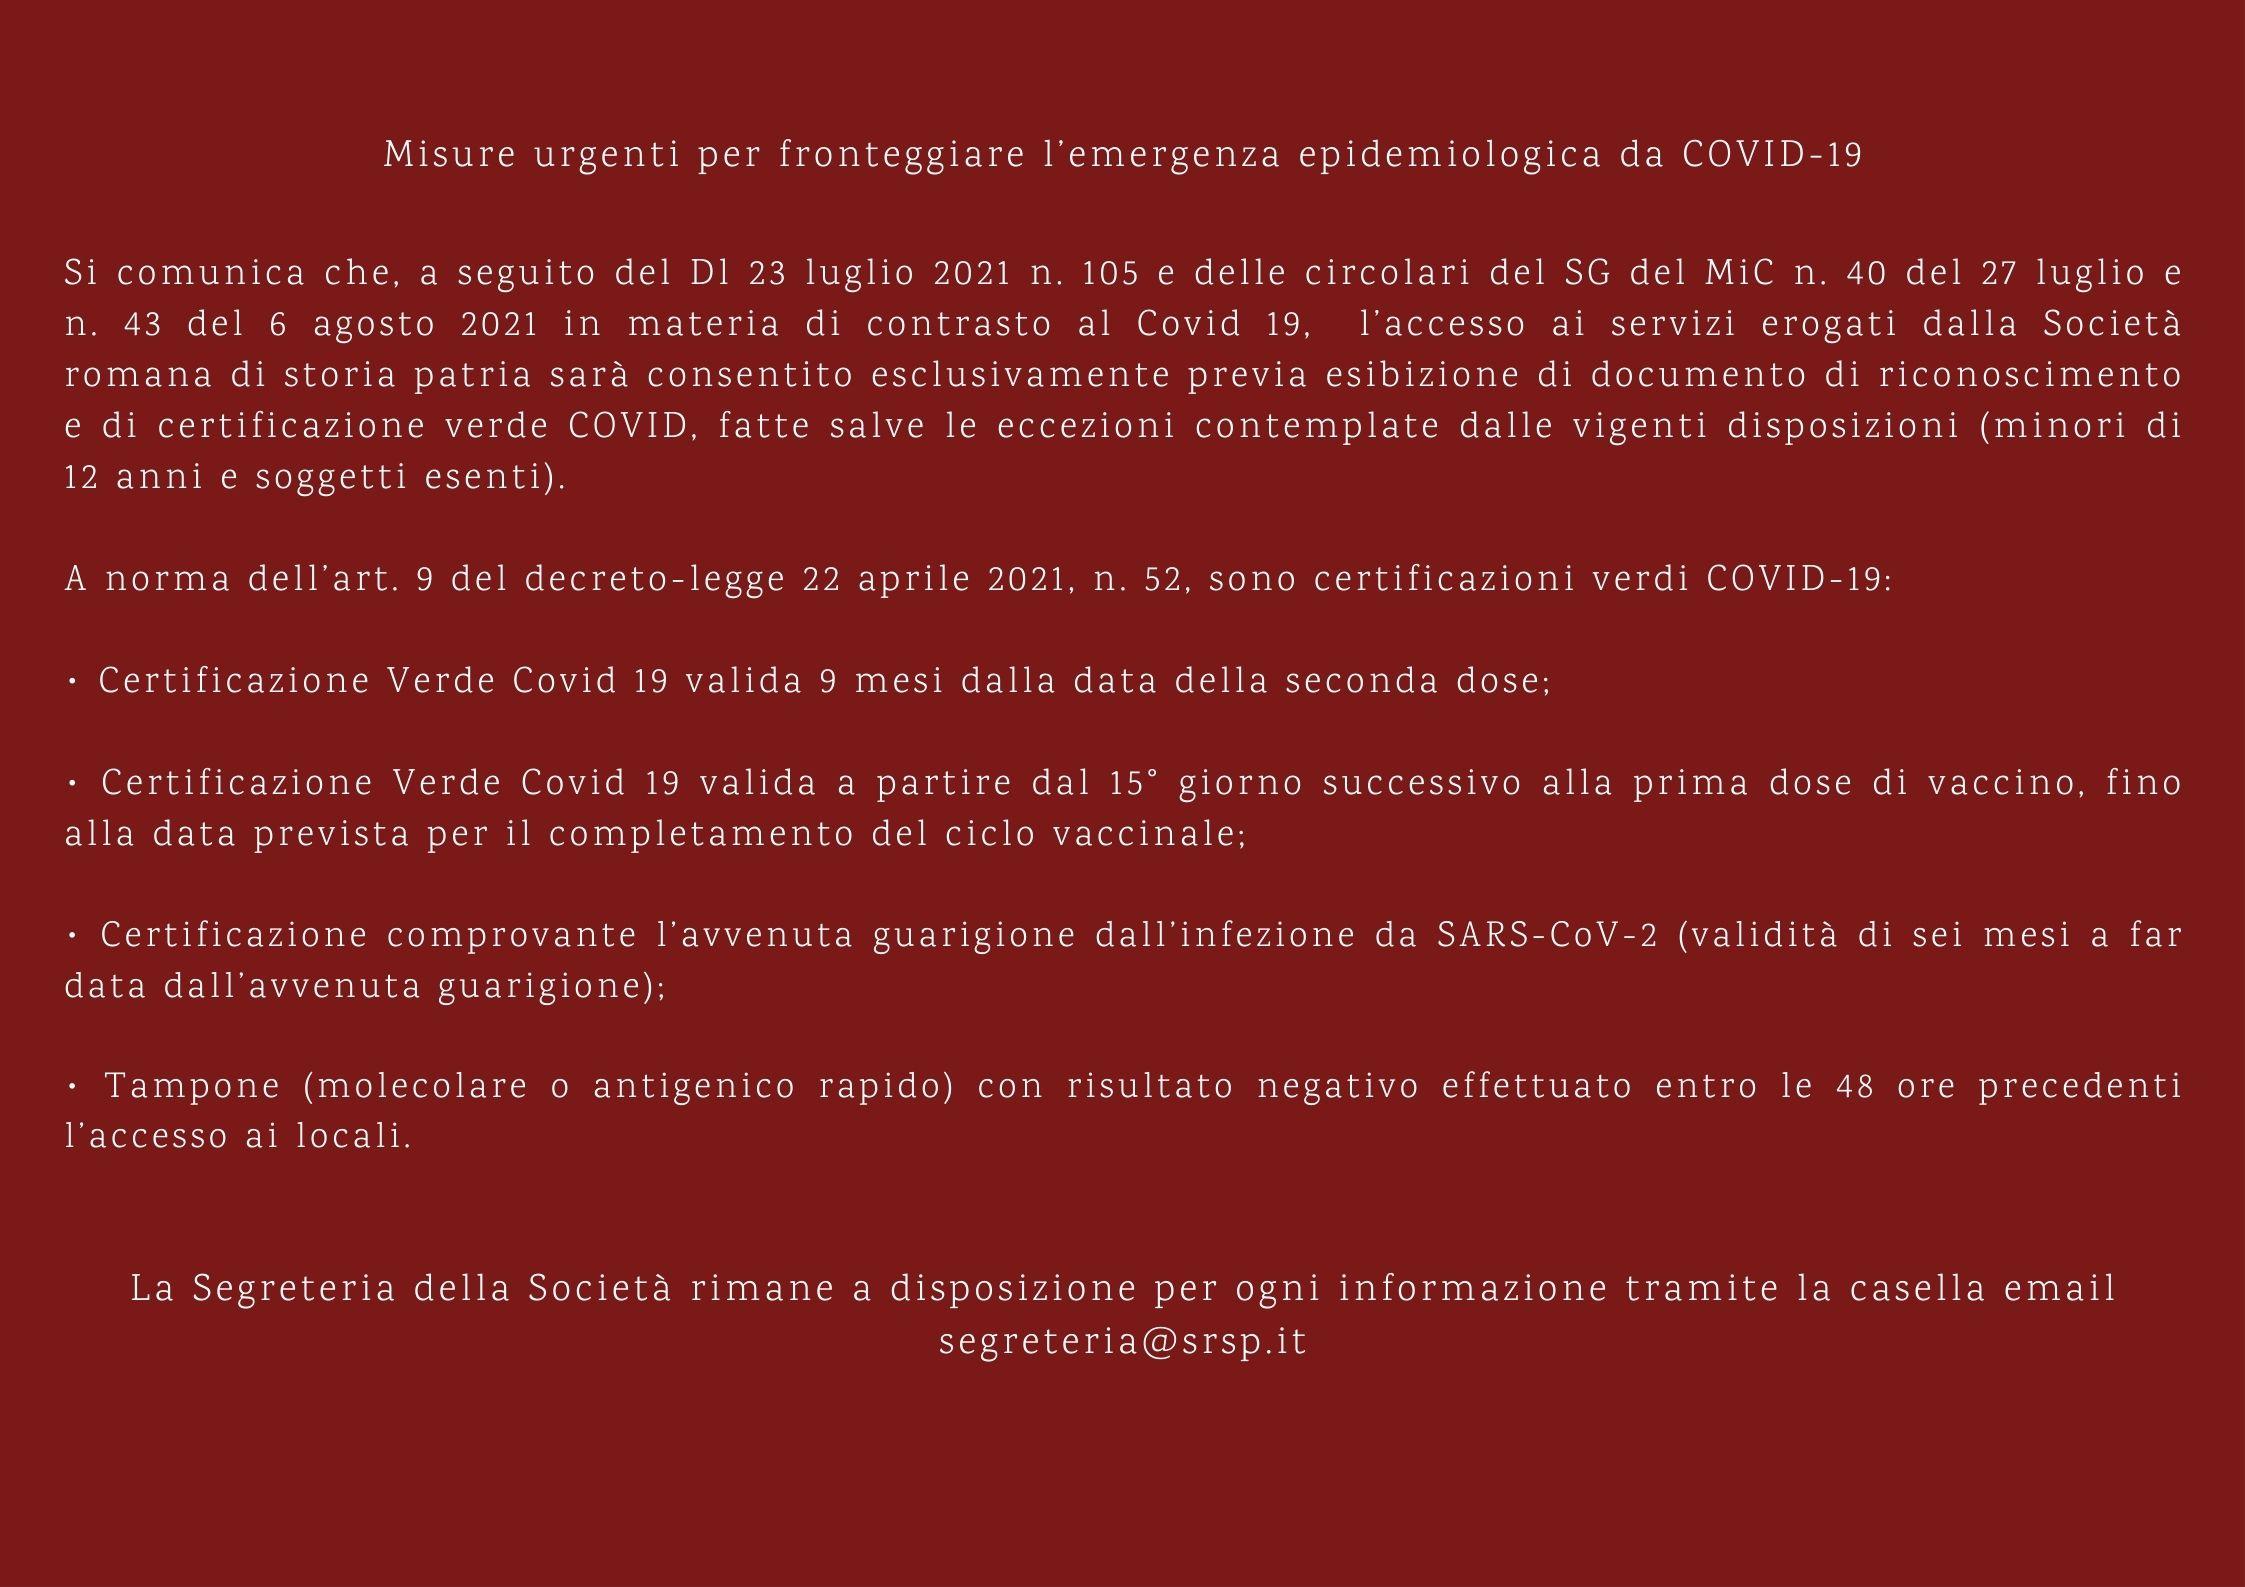 Misure anti Covid-19